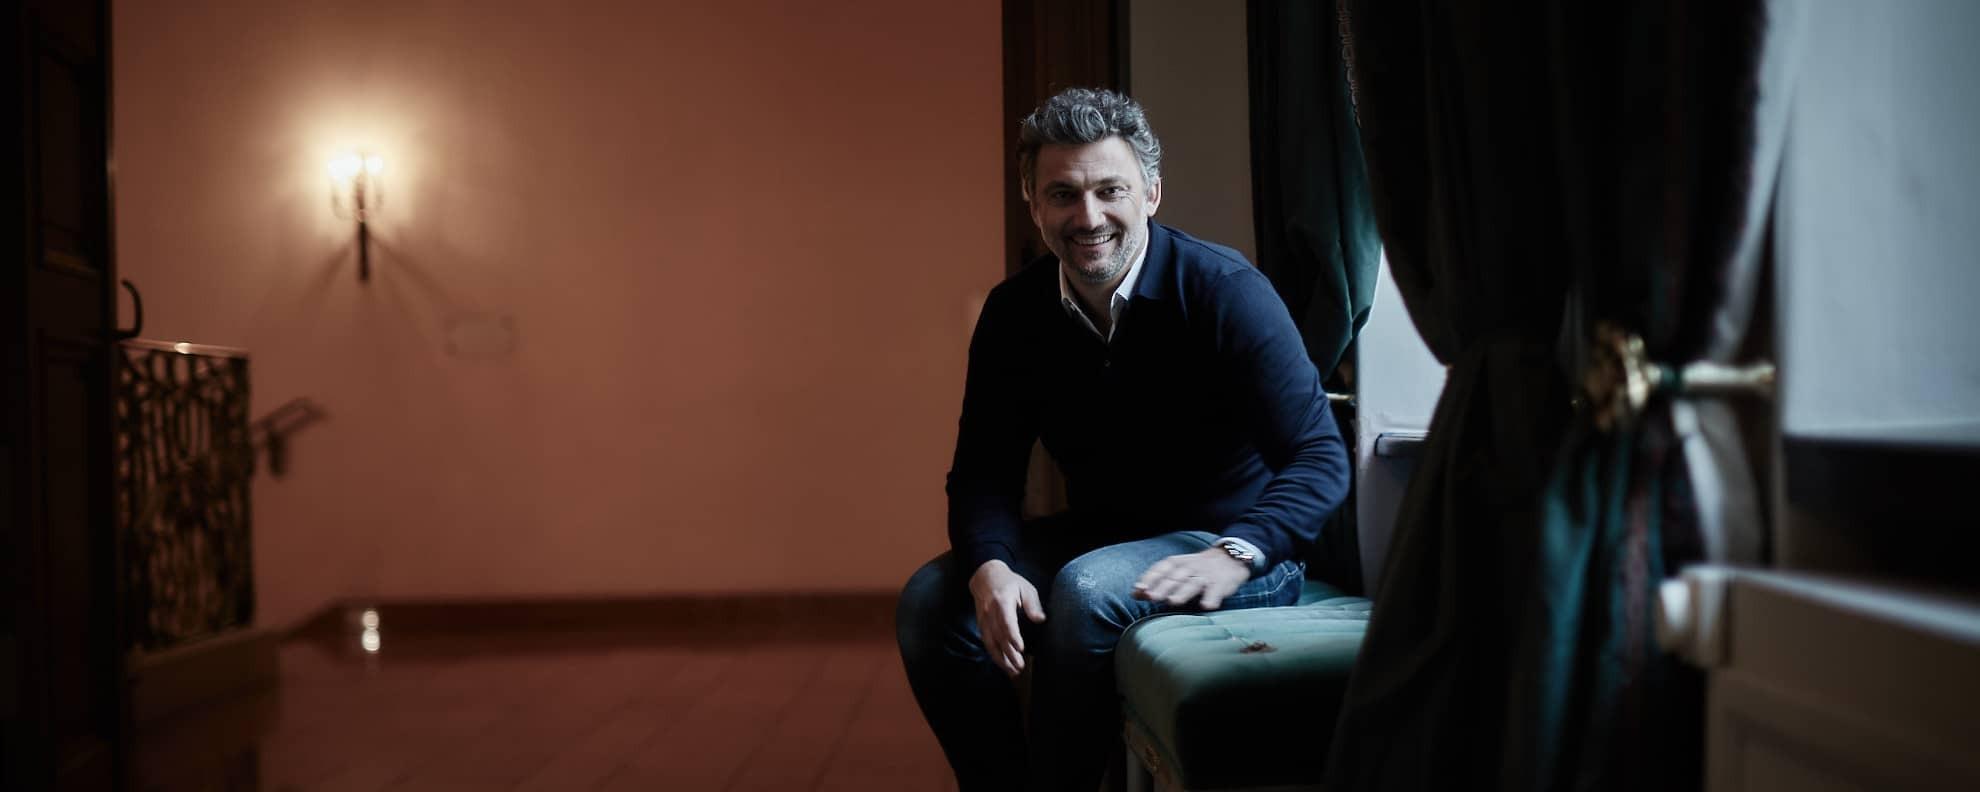 Online Gesangsunterricht mit Jonas Kaufmann: Tipps vom Profi